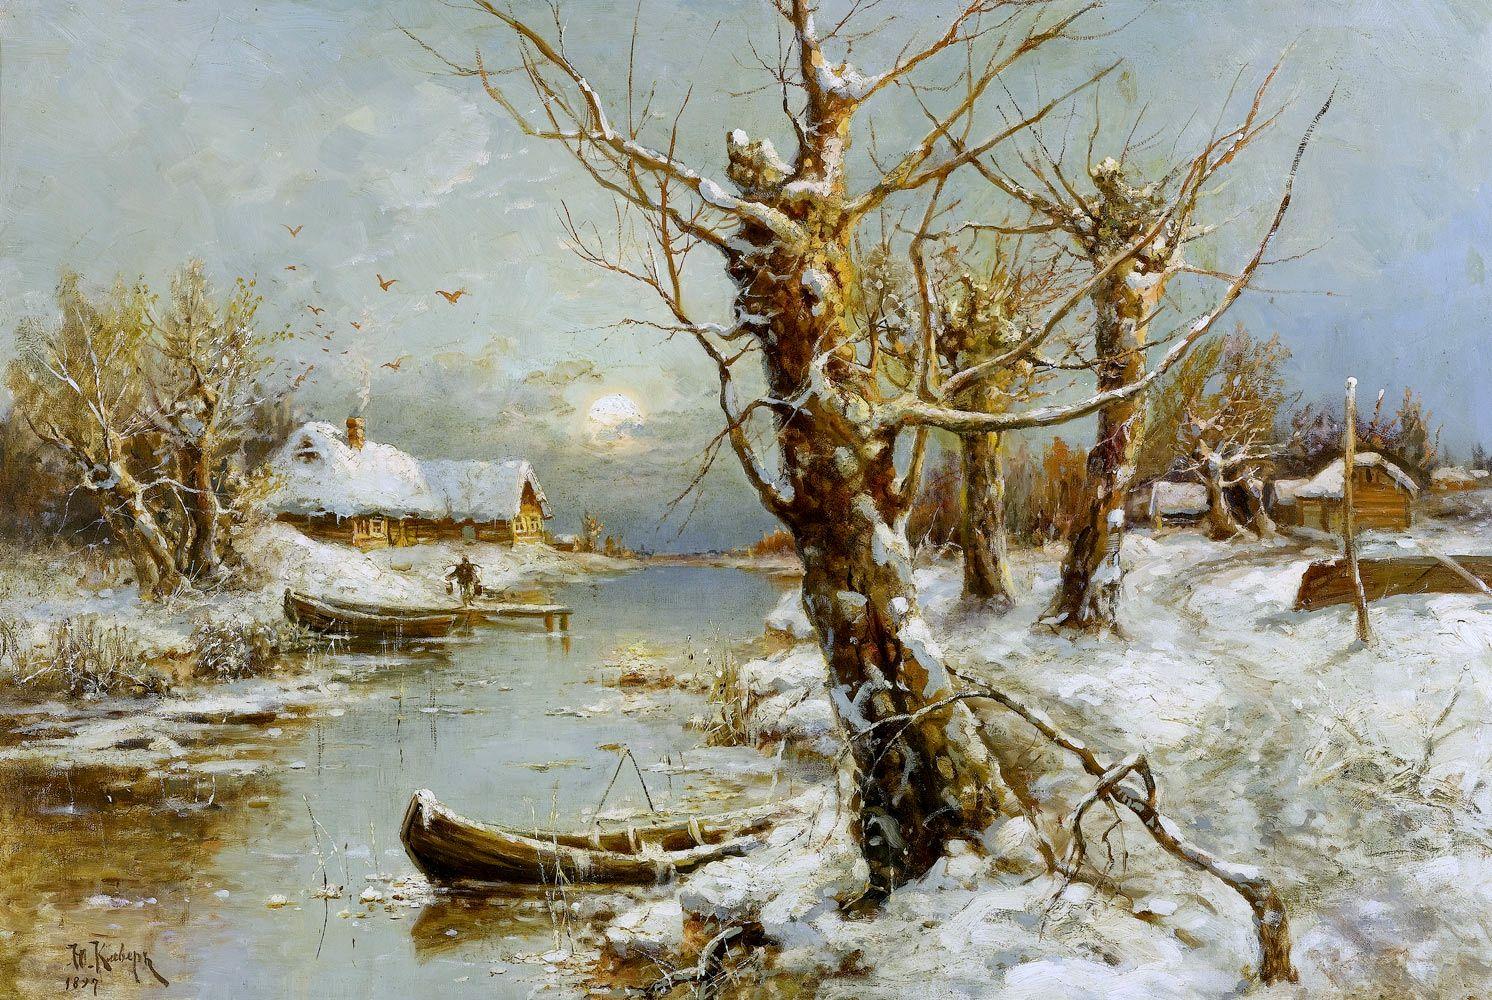 Winter River Landscape 1897 Landscape Paintings Oil Painting Landscape Oil Painting Nature